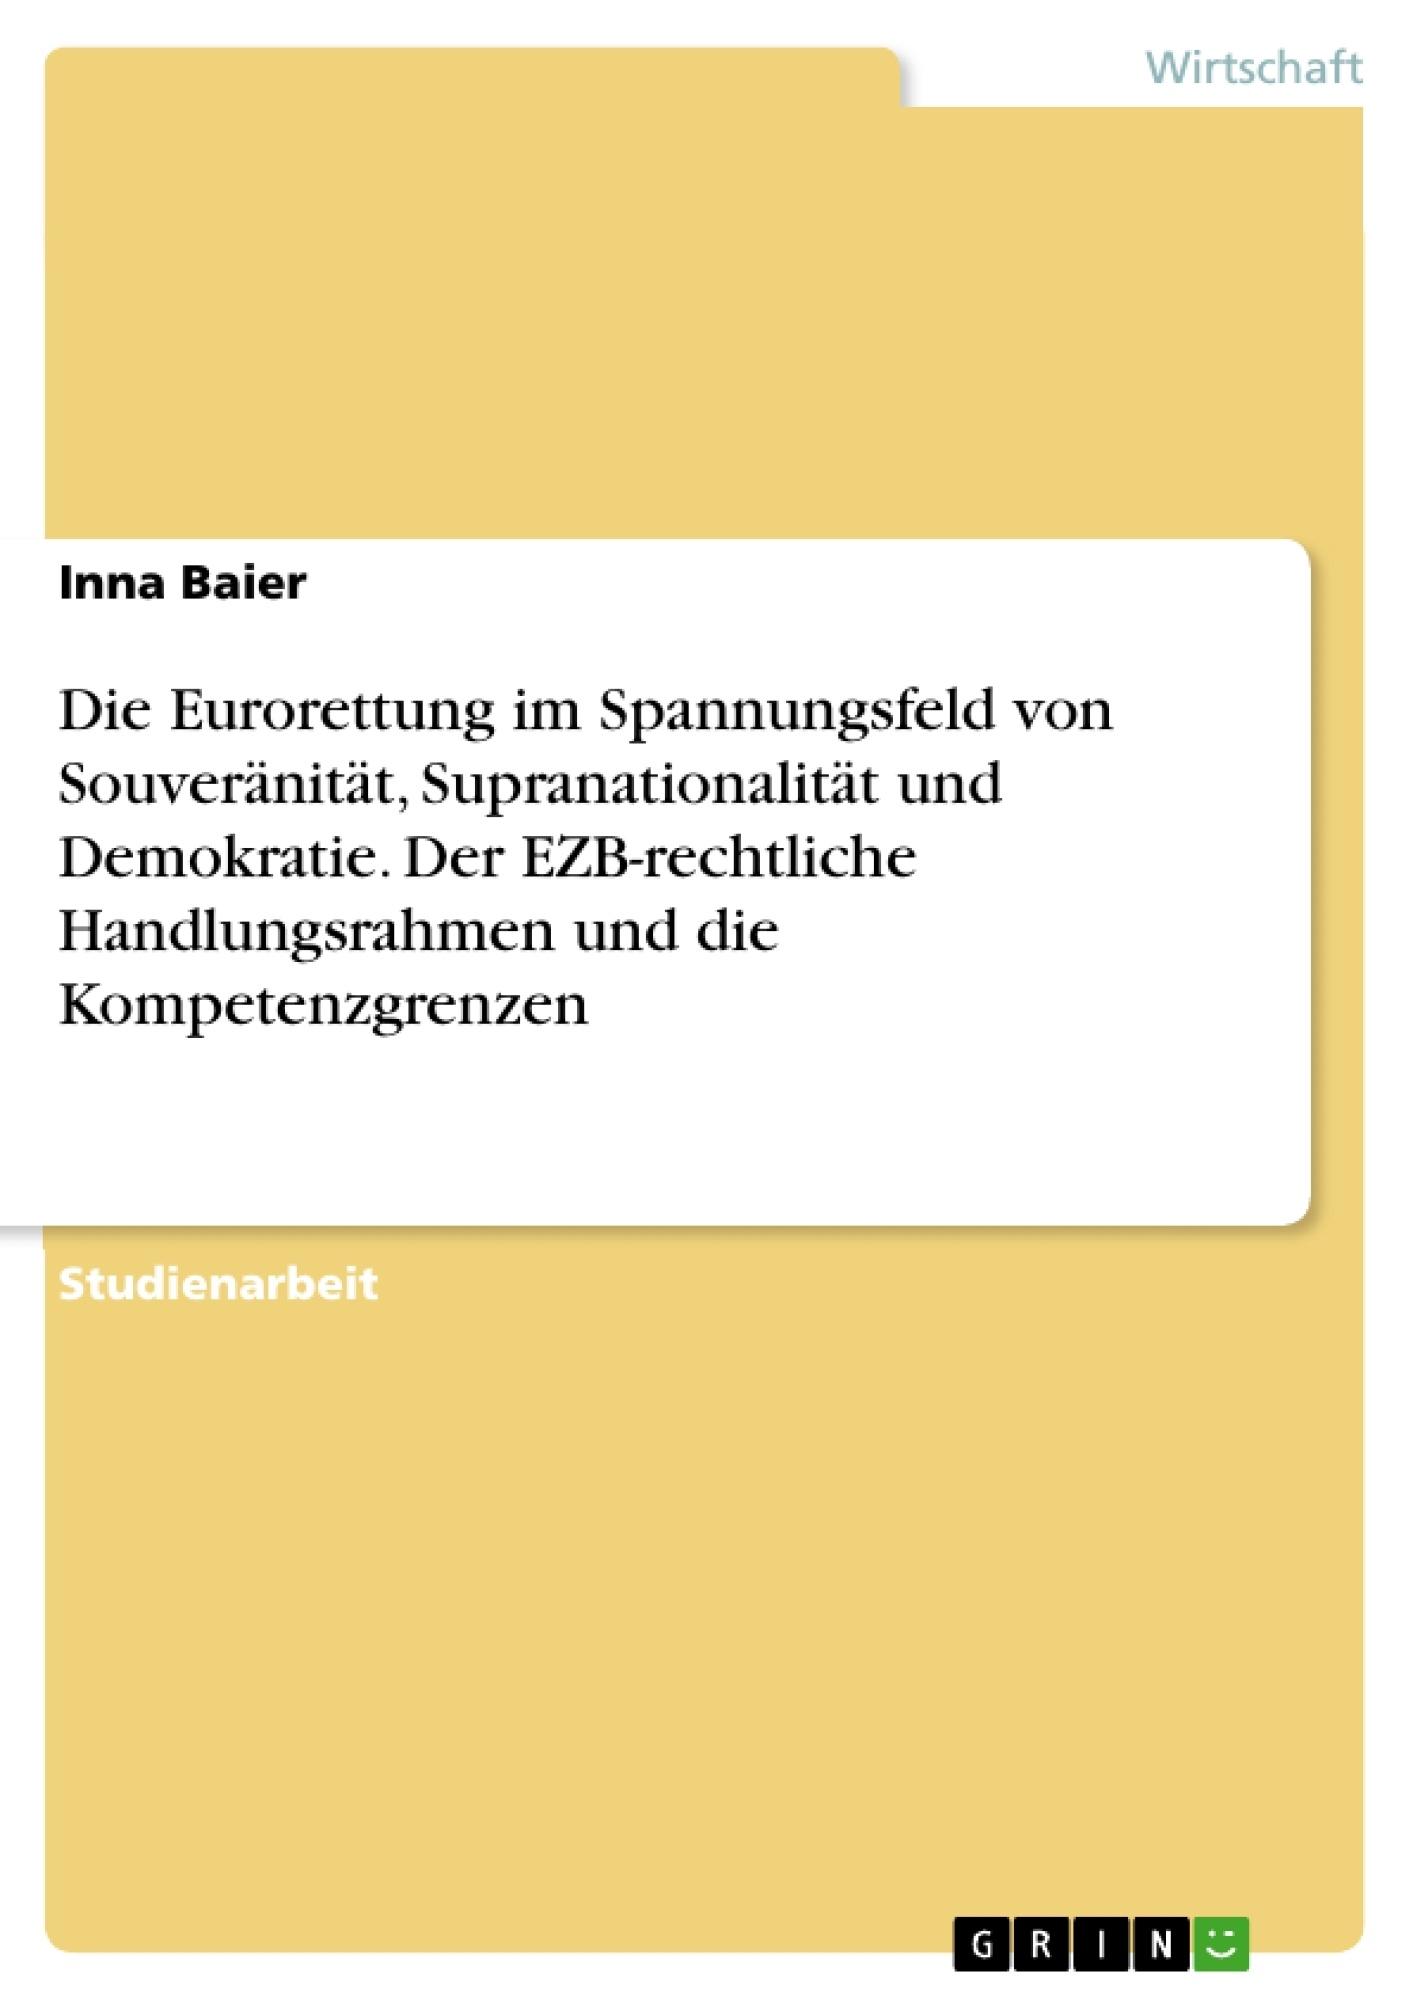 Titel: Die Eurorettung im Spannungsfeld von Souveränität, Supranationalität und Demokratie. Der EZB-rechtliche Handlungsrahmen und die Kompetenzgrenzen